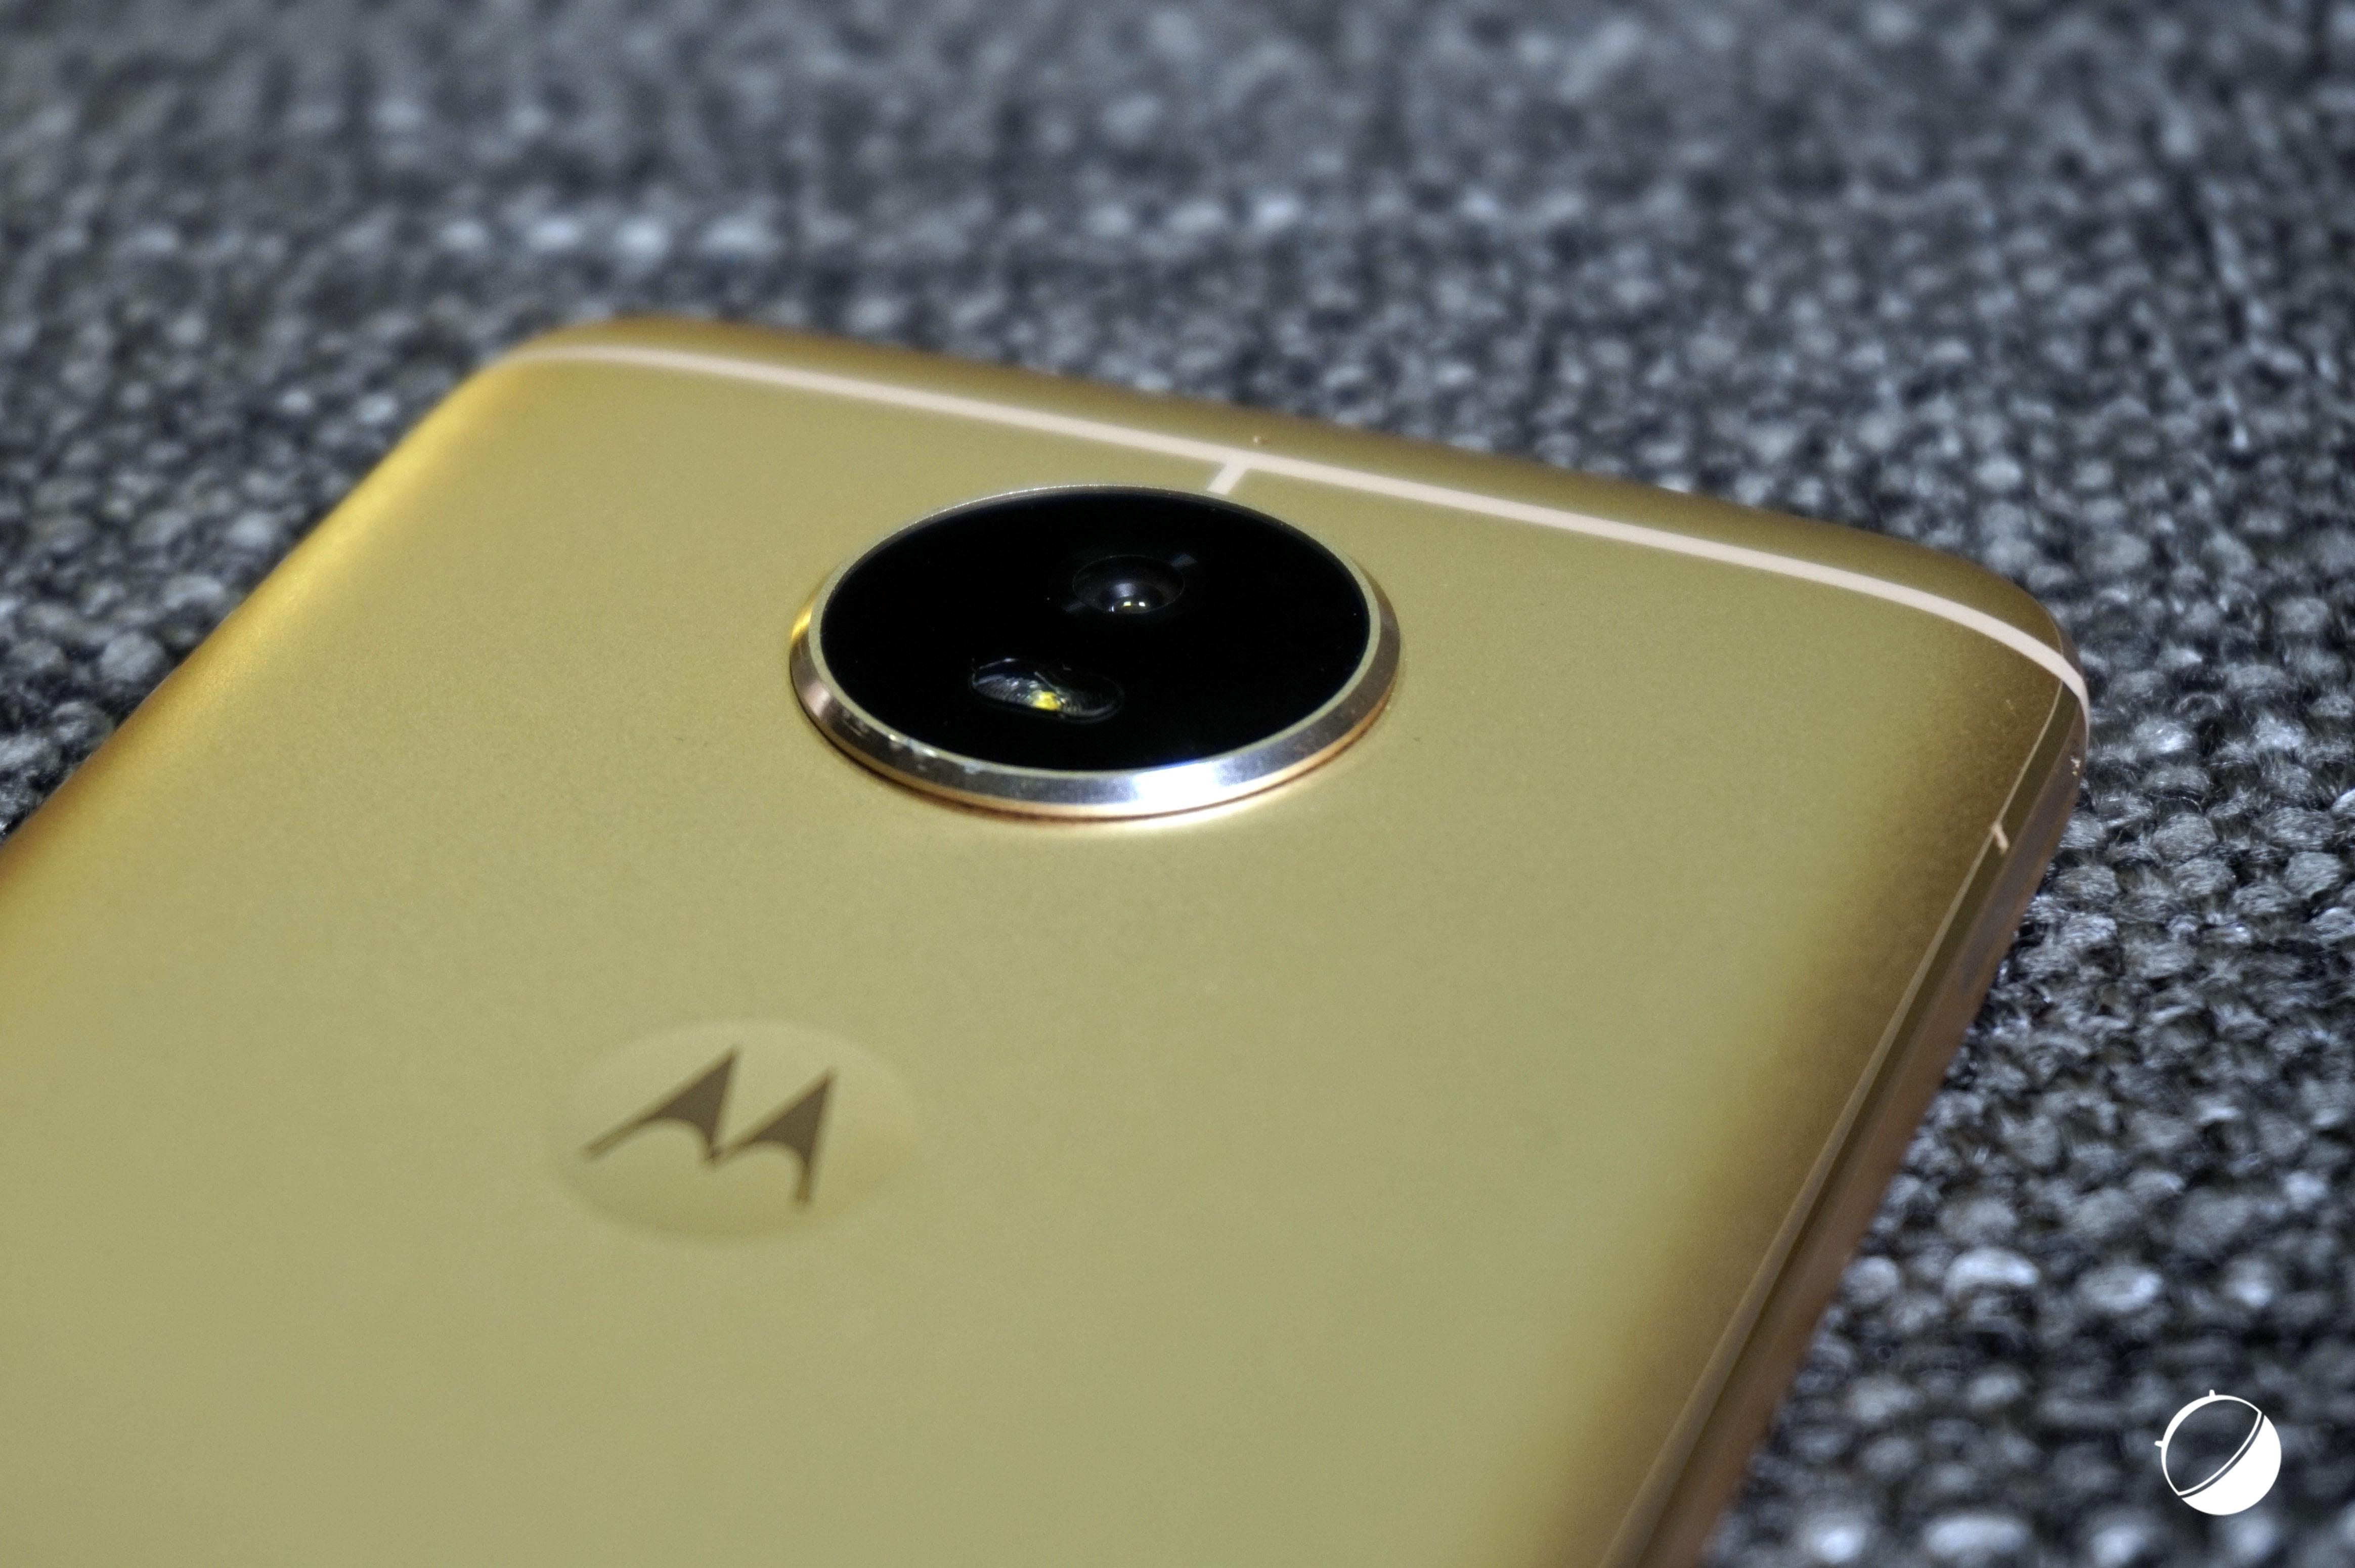 Les Motorola Moto G6, Moto Z3, Moto X5 sont de sortie, bien avant leurs annonces